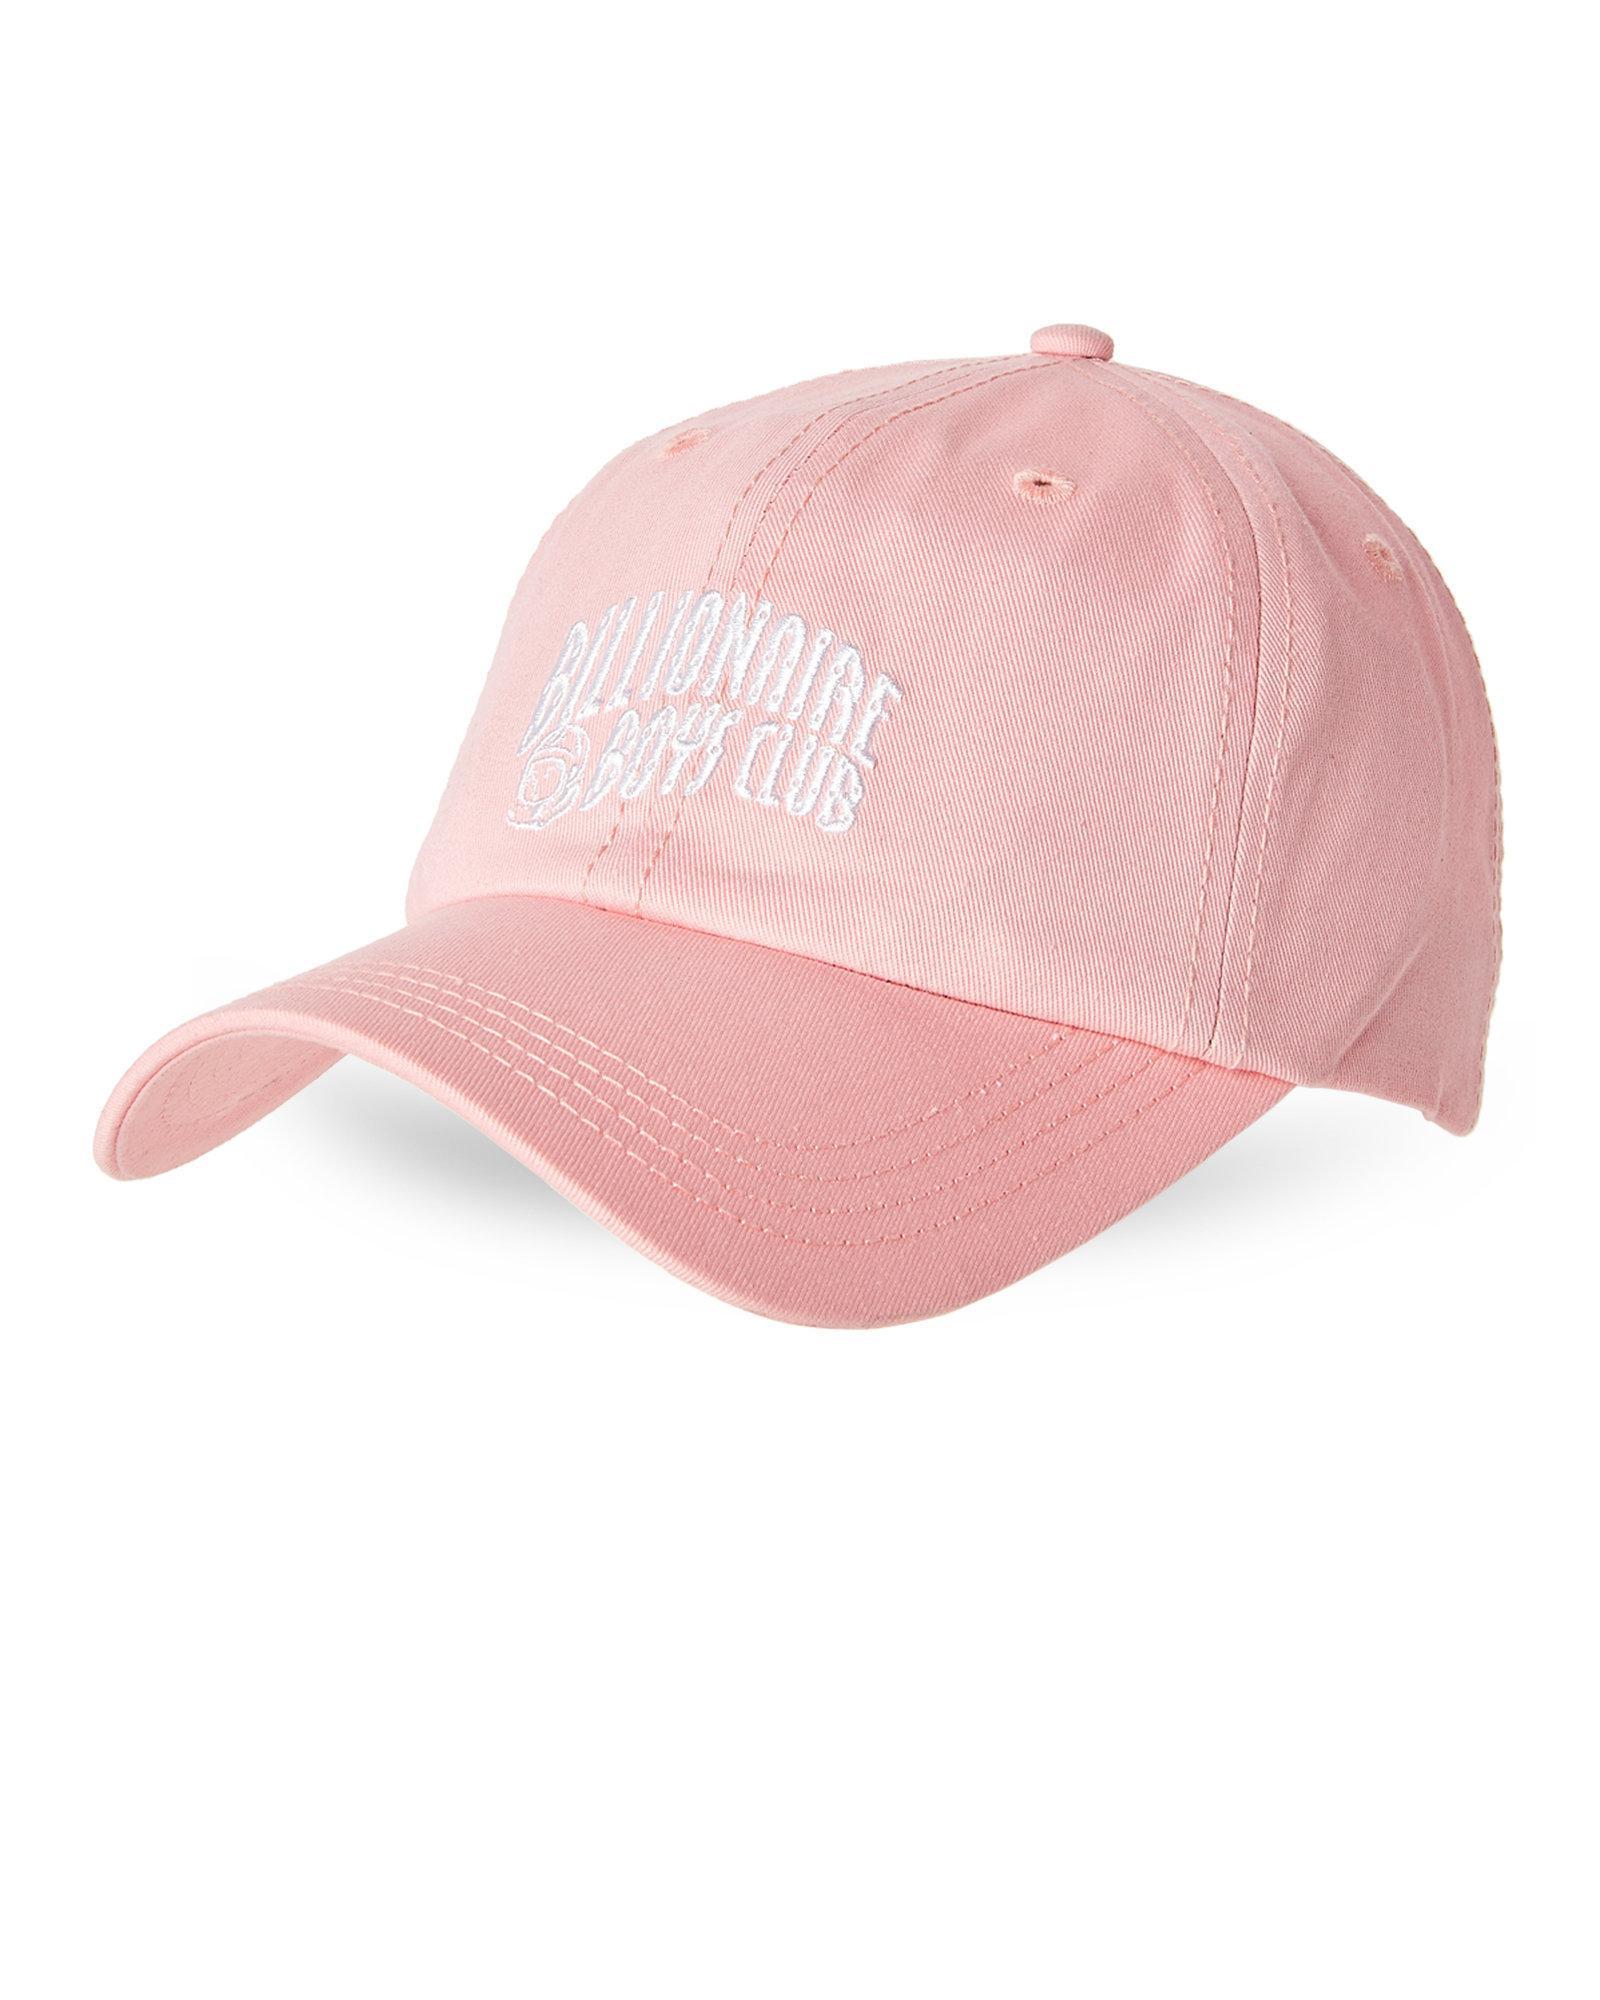 Lyst - BBCICECREAM Bb Arch Classic Dad Cap in Pink 6423c658f1c4